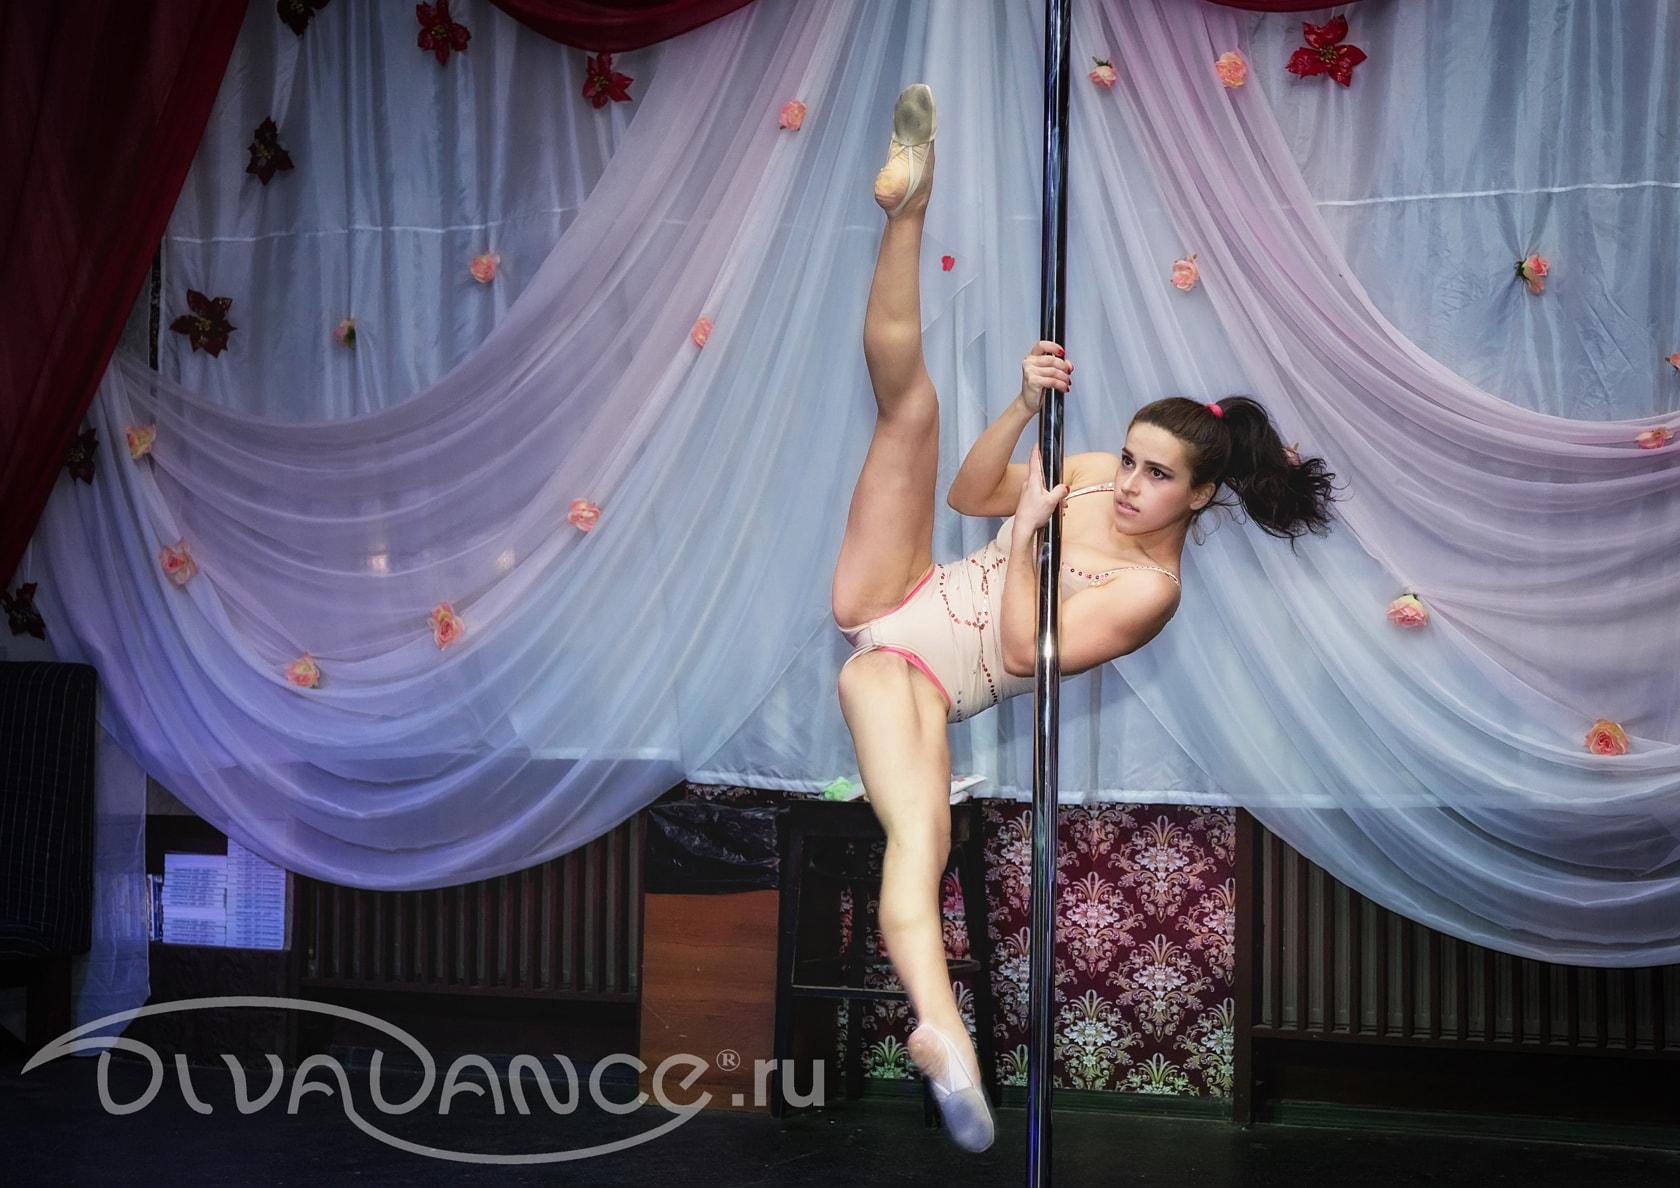 podrostki-erotika-striptiz-17